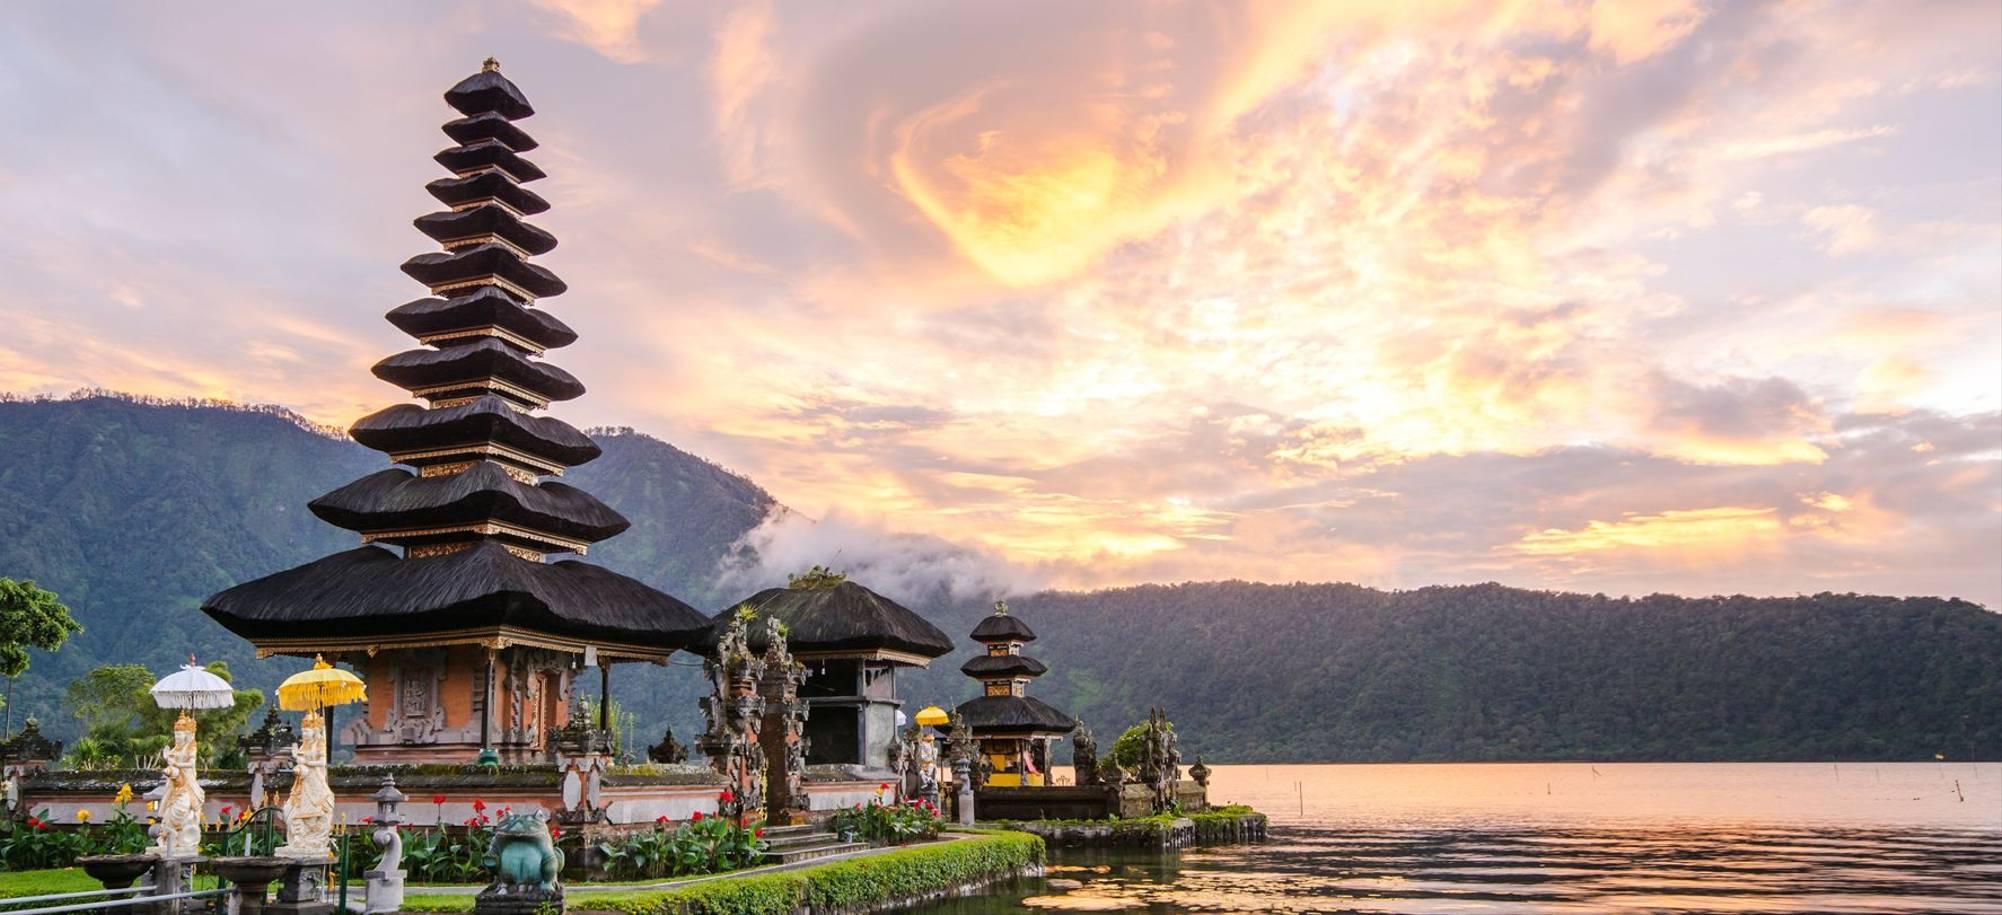 Bali   Pura Ulun Danu Temple   Itinerary Desktop